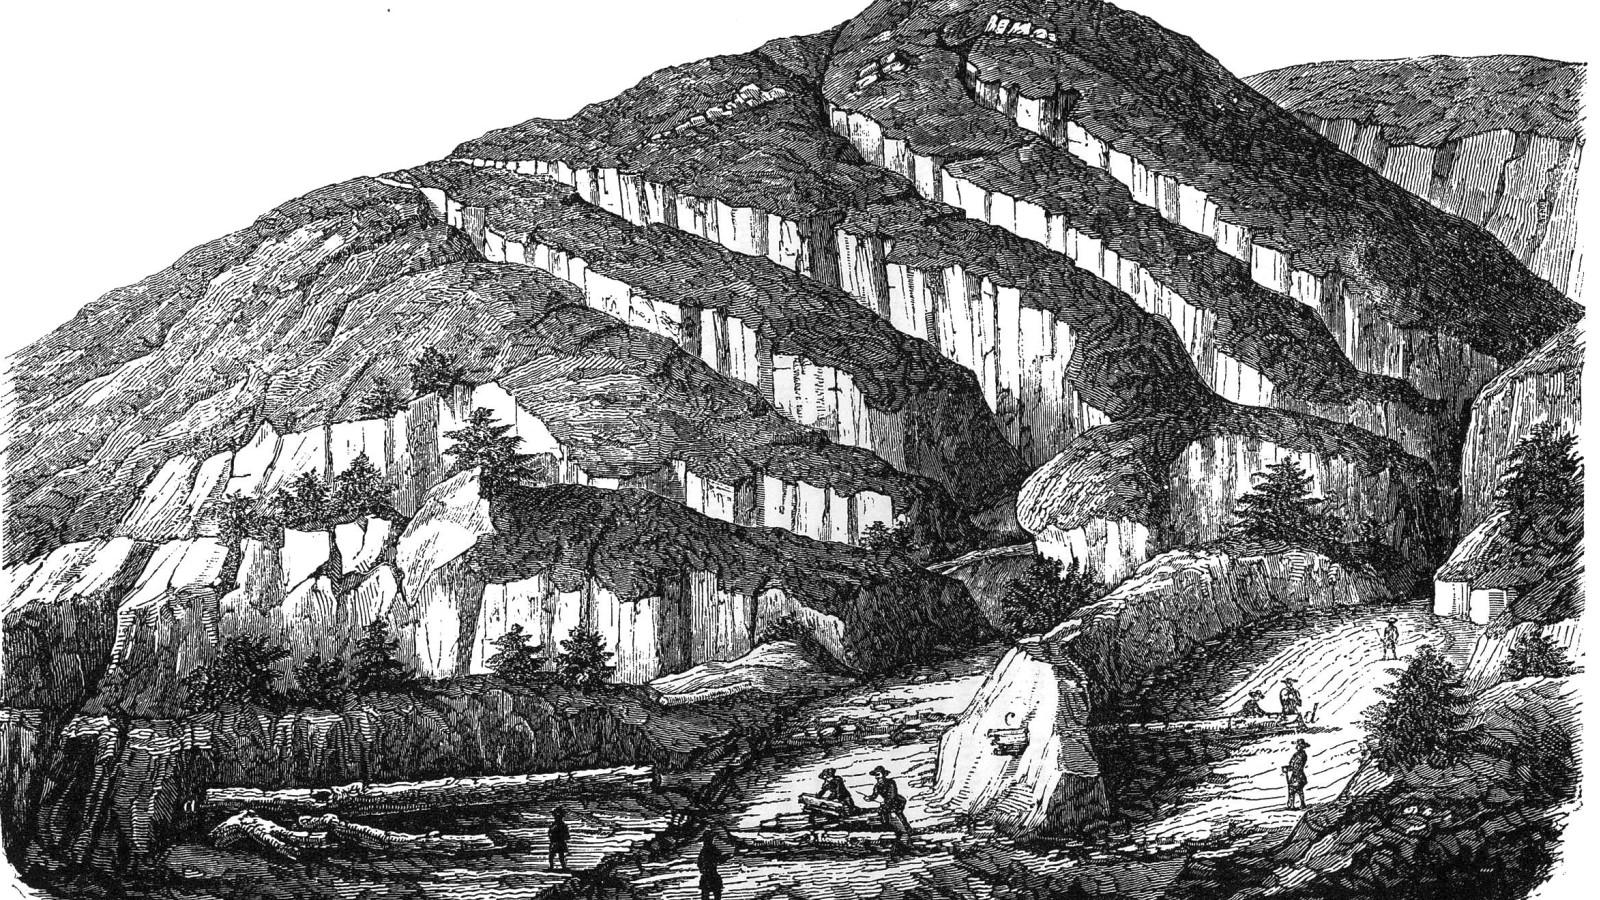 Már több mint 200 éve csodájára járnak - a megkövesedett ősfa története